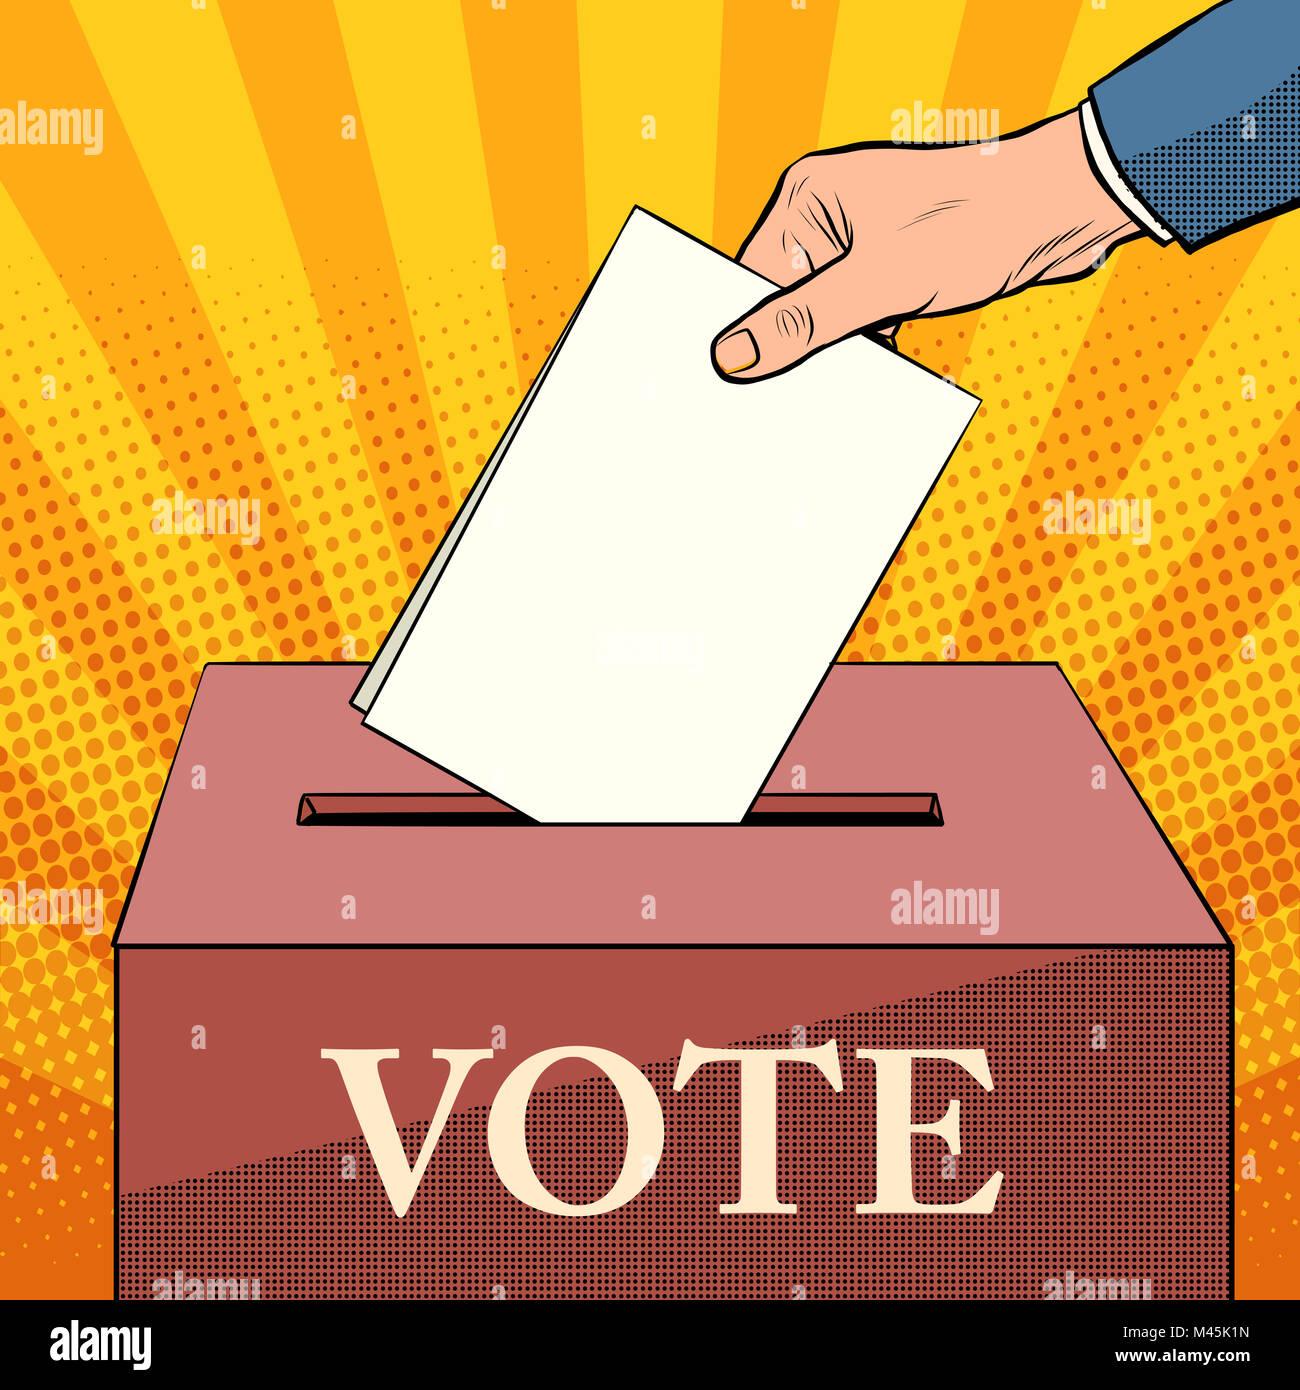 Urna electoral elecciones política Imagen De Stock